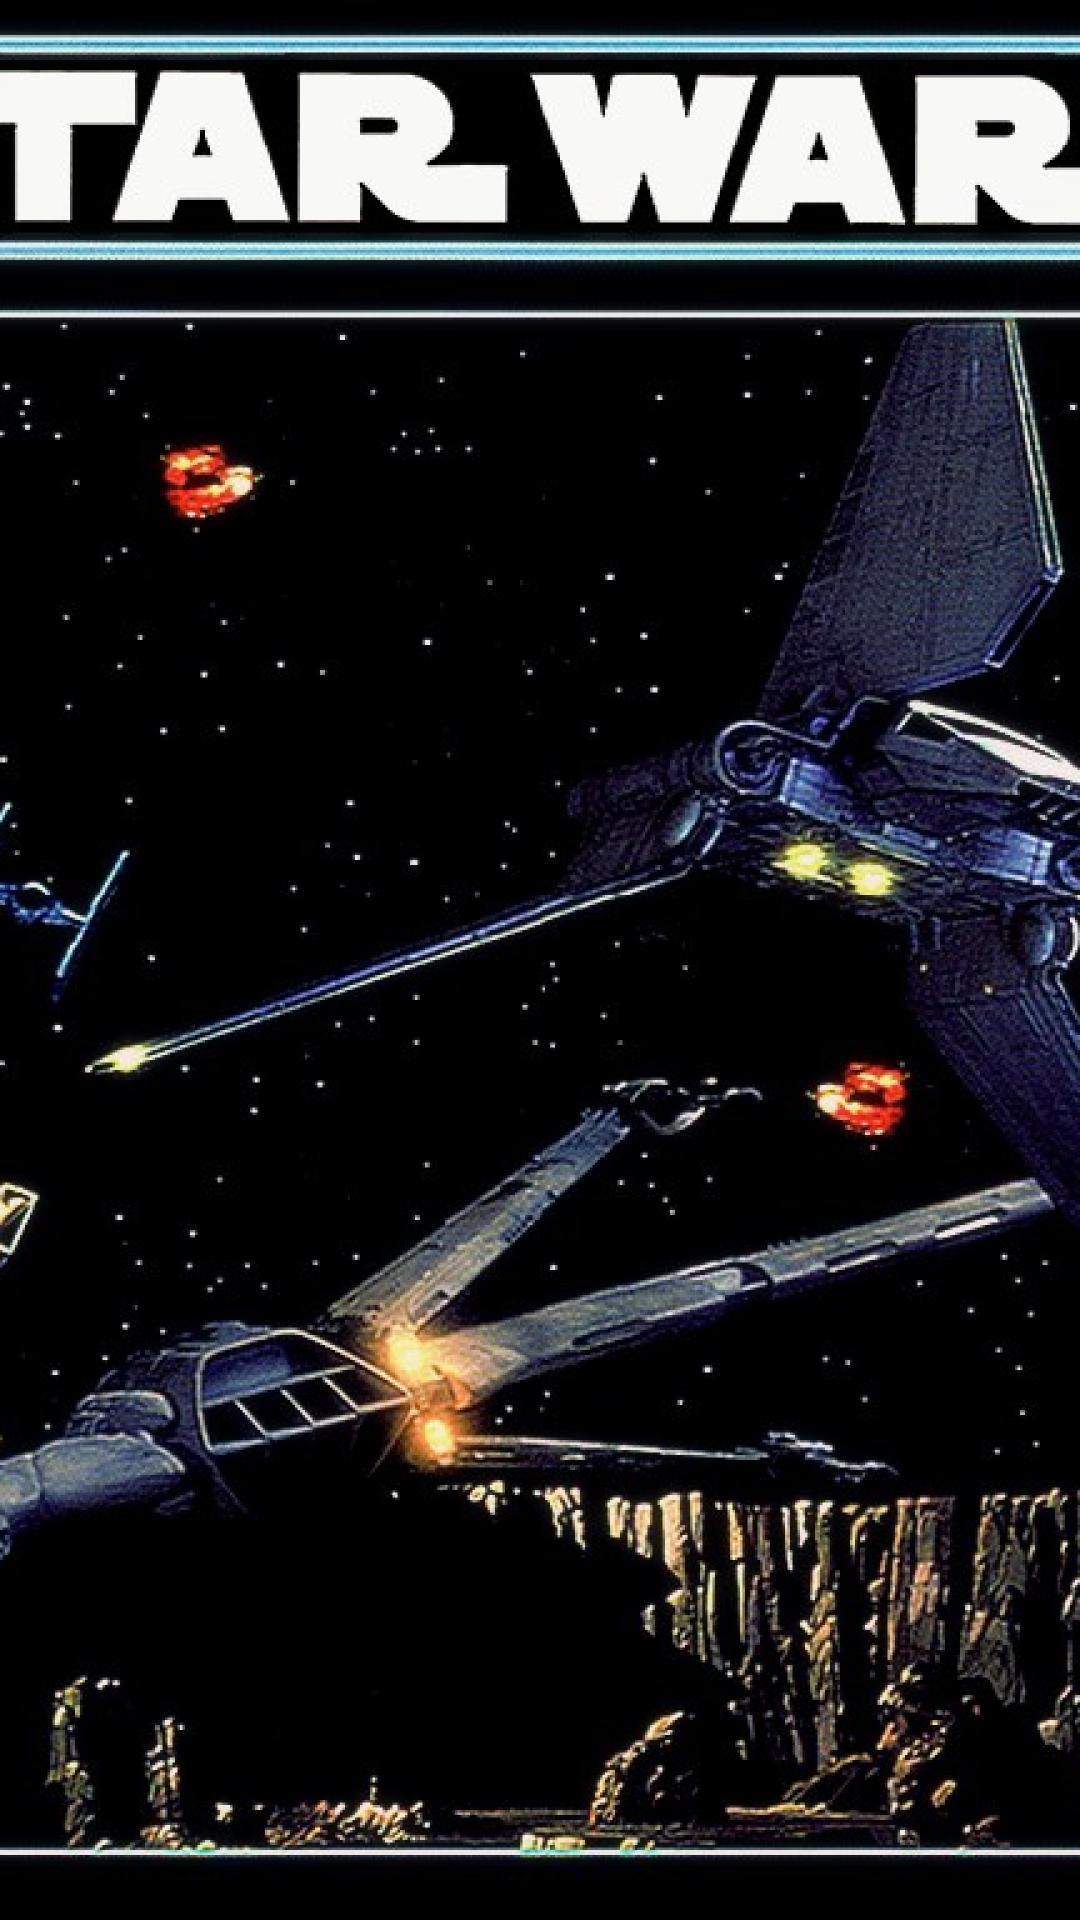 Vintage Star Wars Wallpapers ...